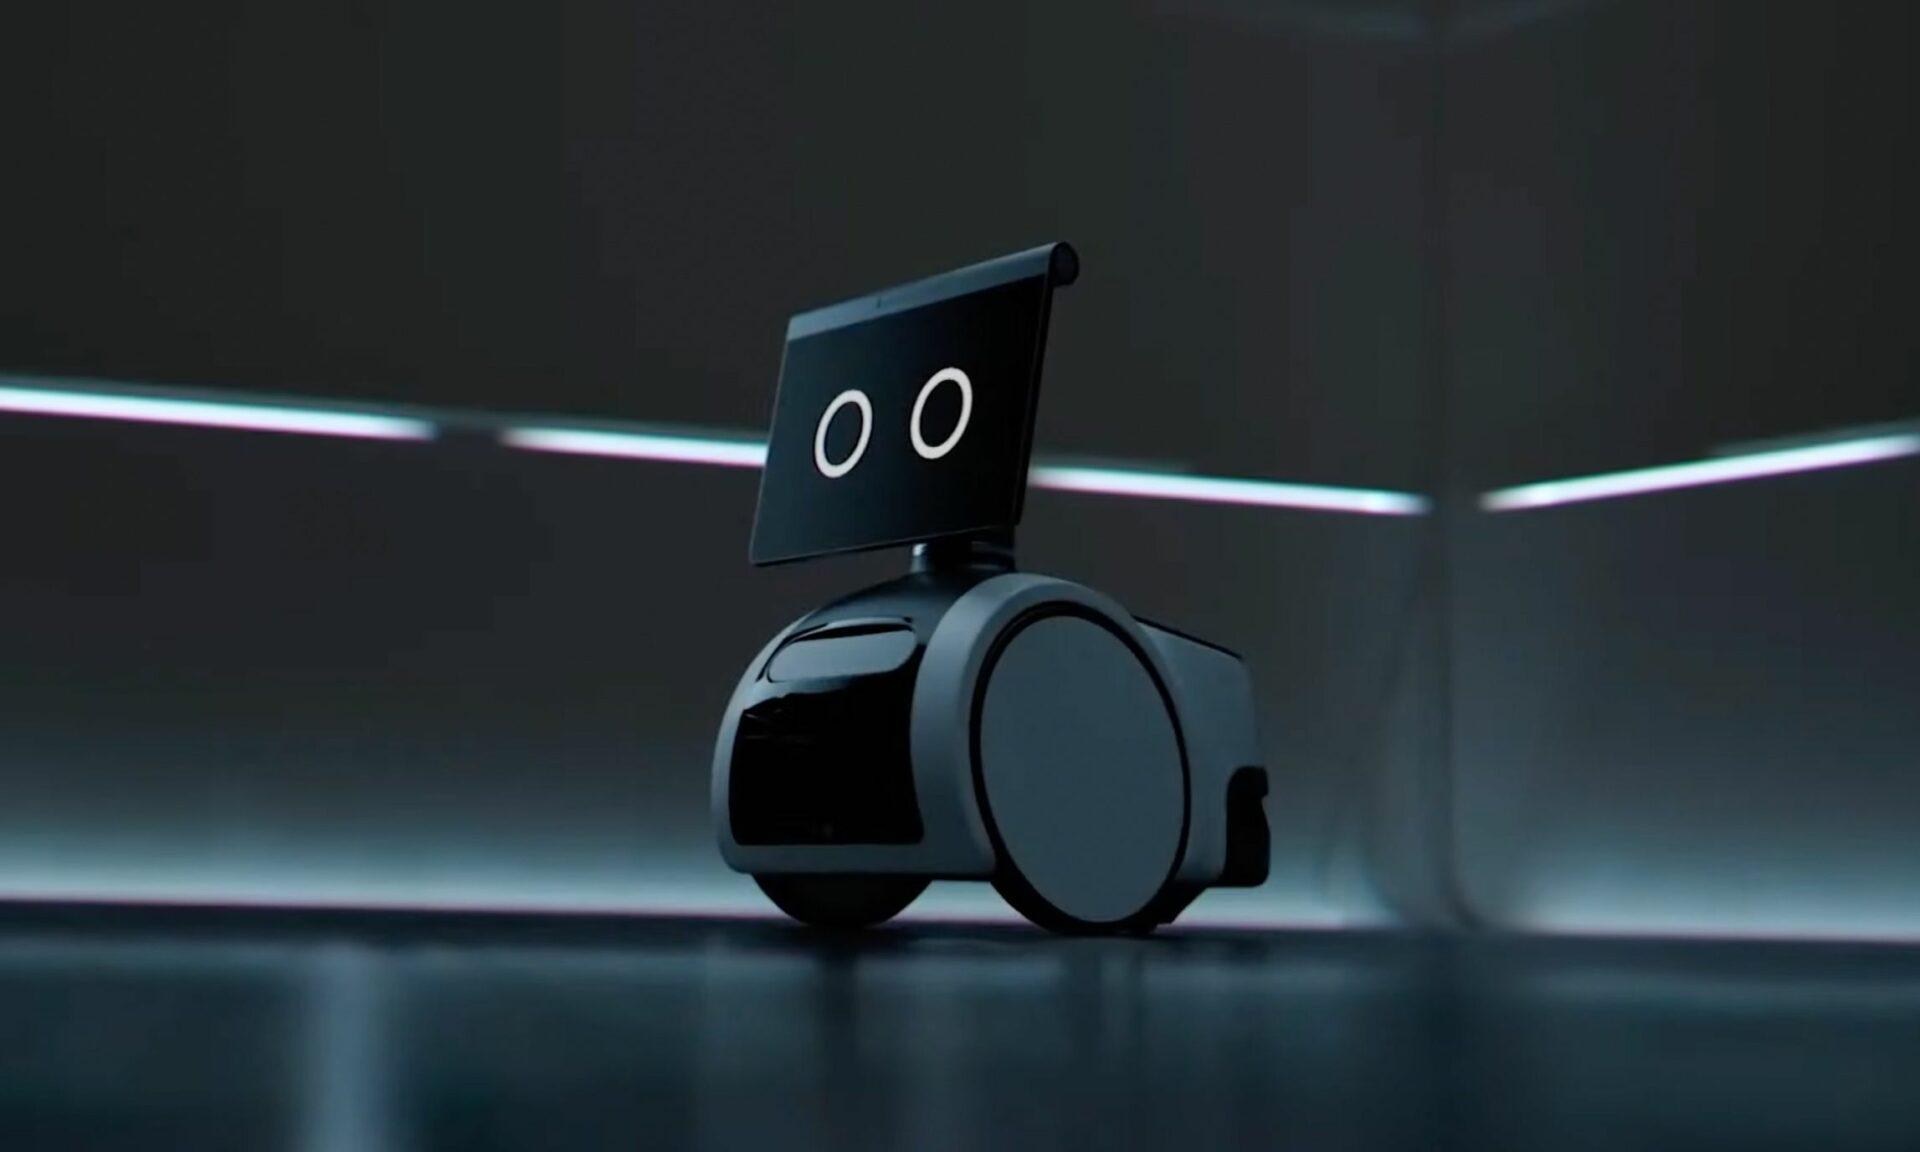 Οικιακό ρομπότ – φύλακα σχεδιάσε η Amazon